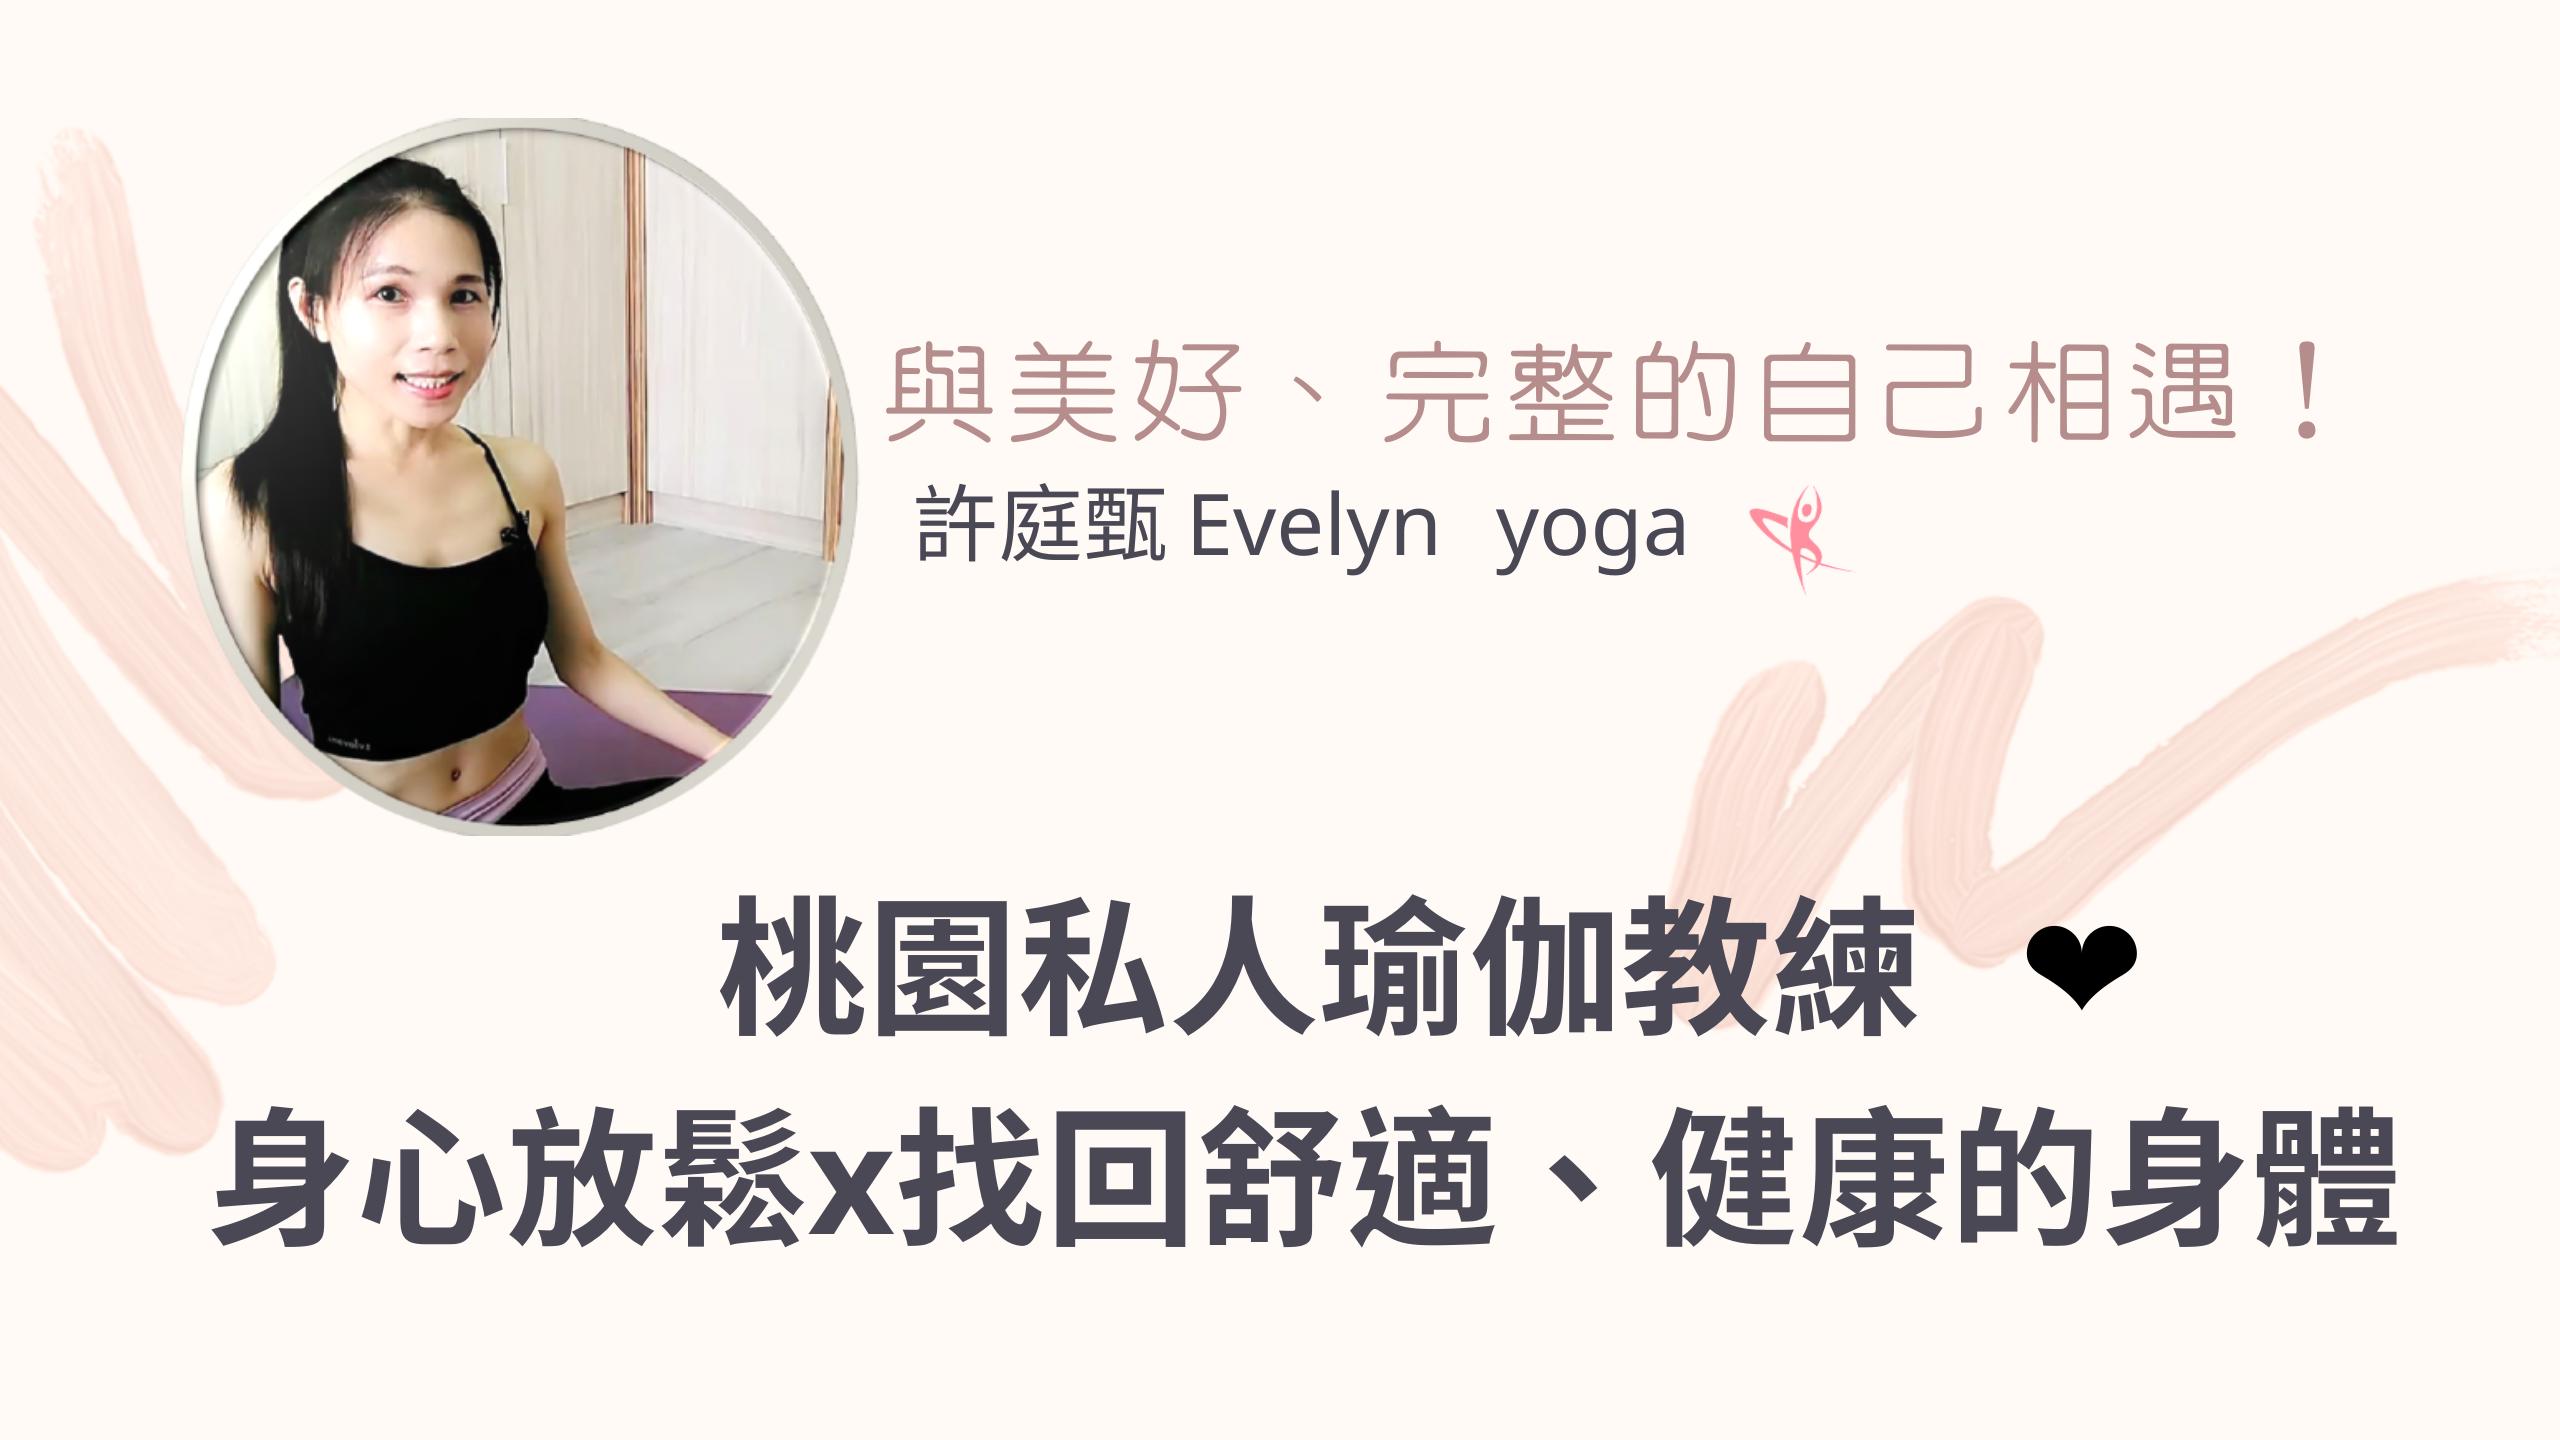 私人瑜伽教練